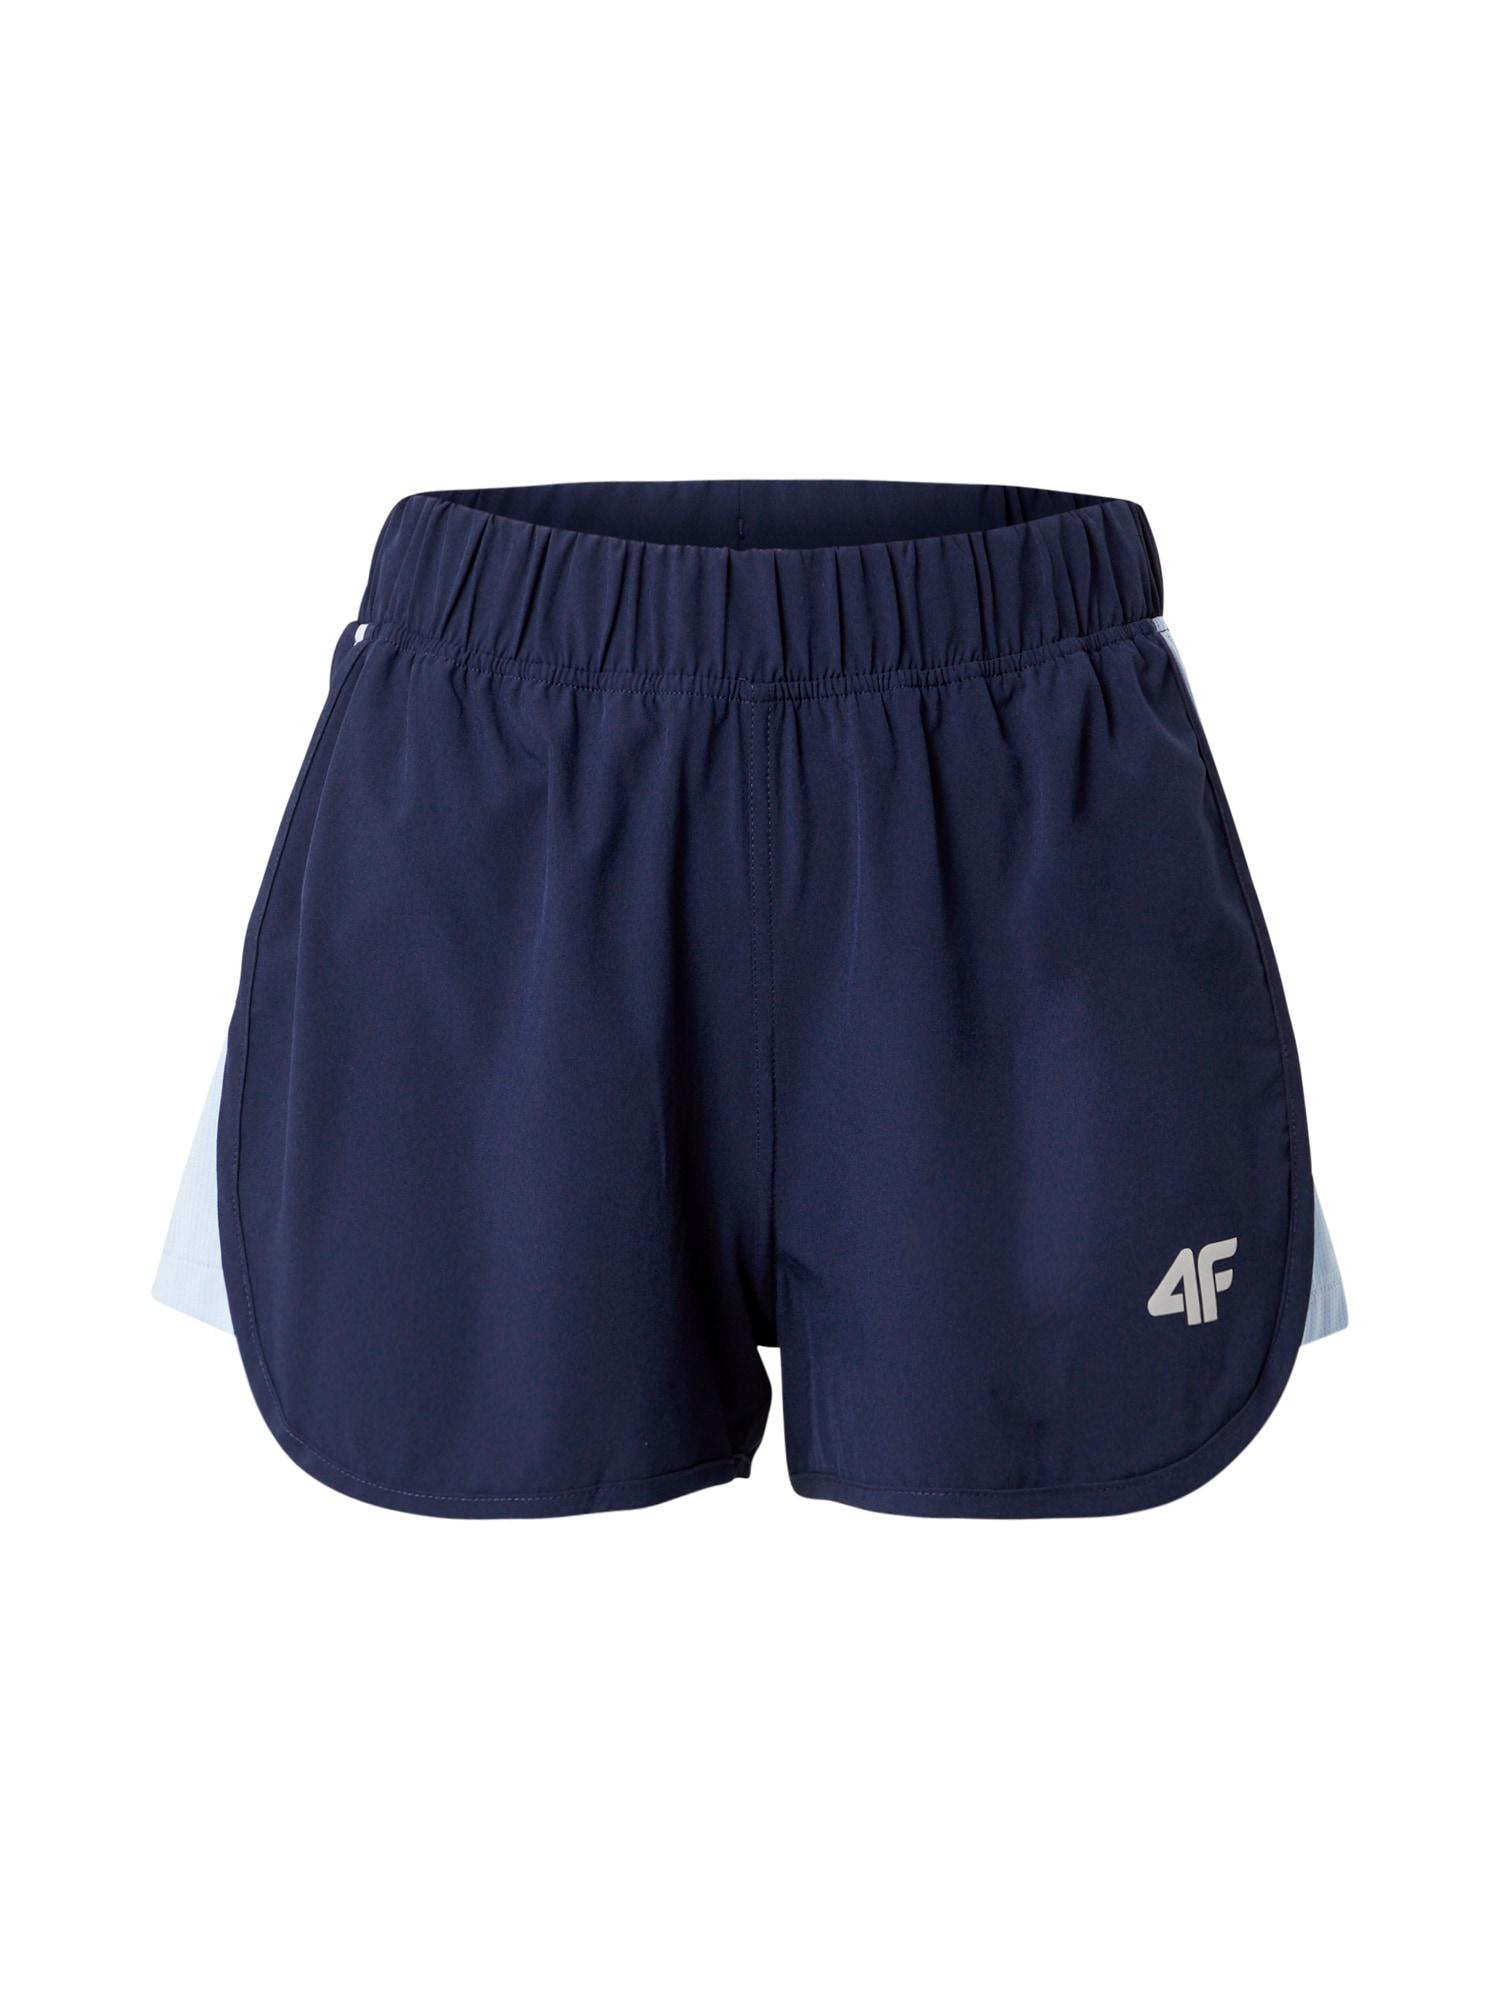 4F Sportinės kelnės tamsiai mėlyna / balta